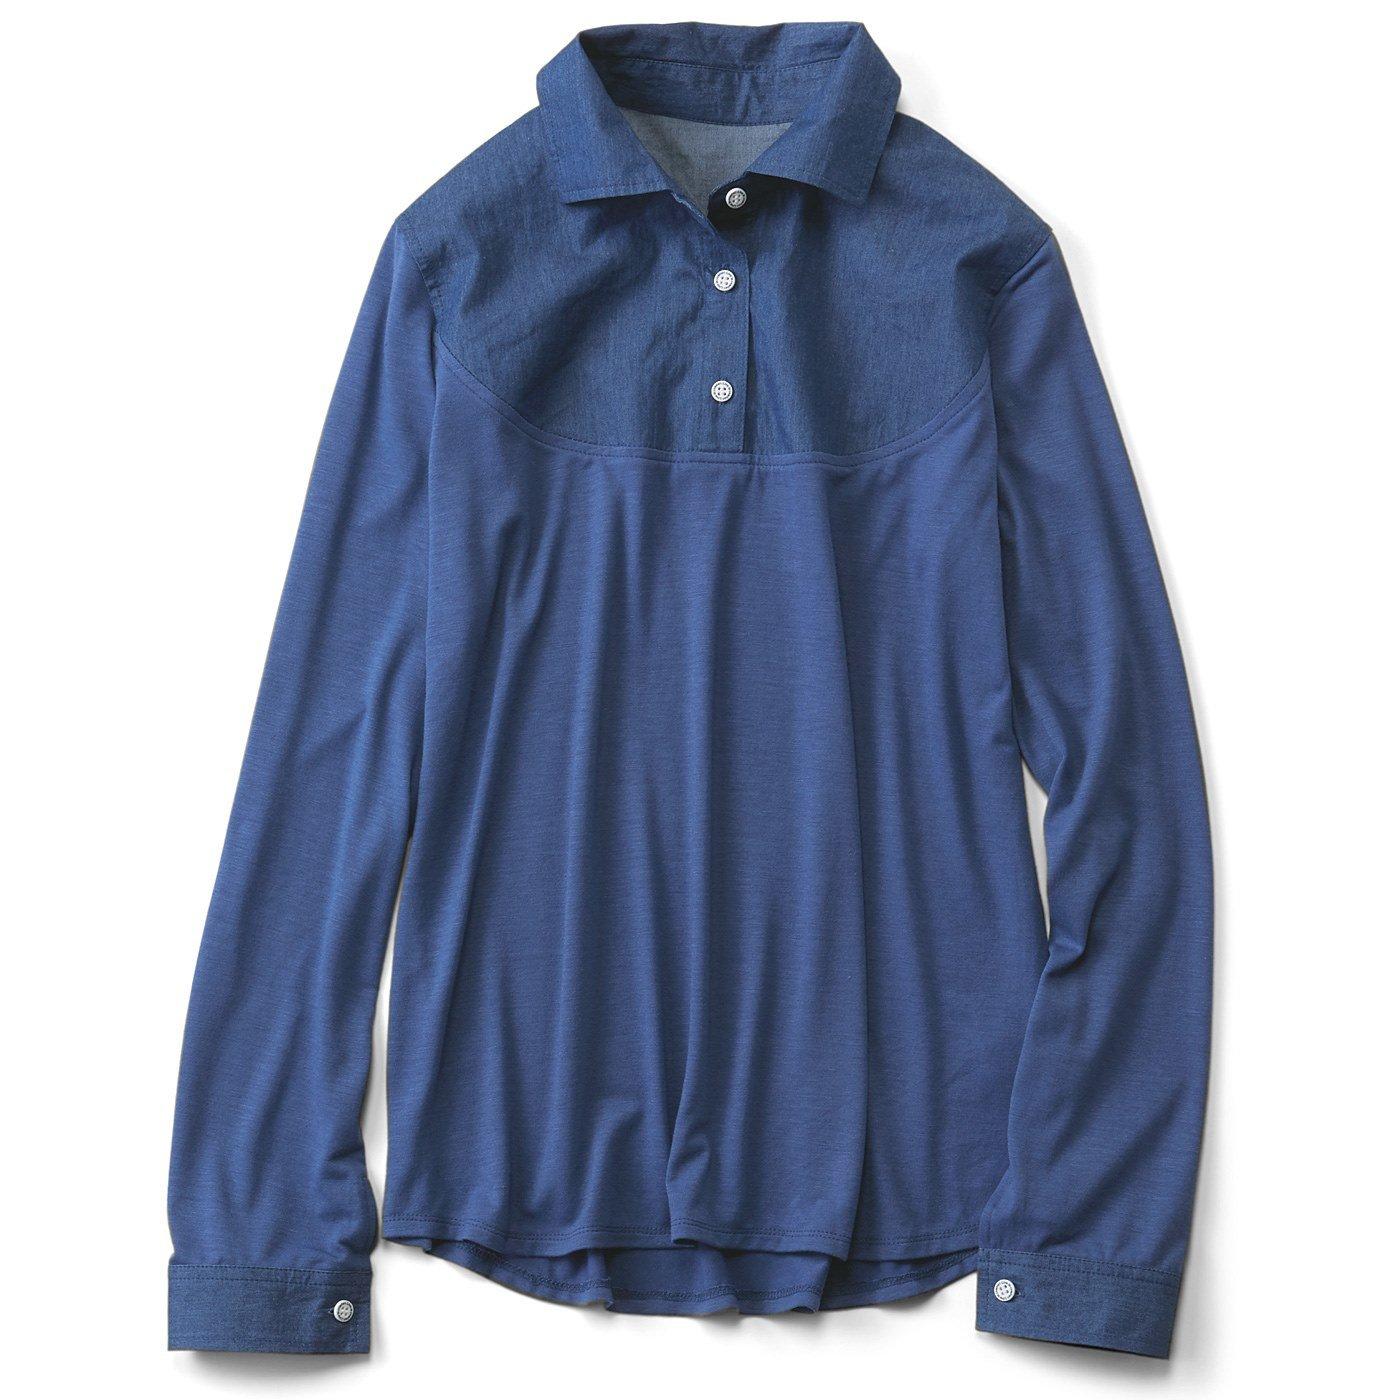 リブ イン コンフォート 重ね着のために作られた 衿もととカフスだけ 布はくのカットソーインナー〈ダンガリー〉